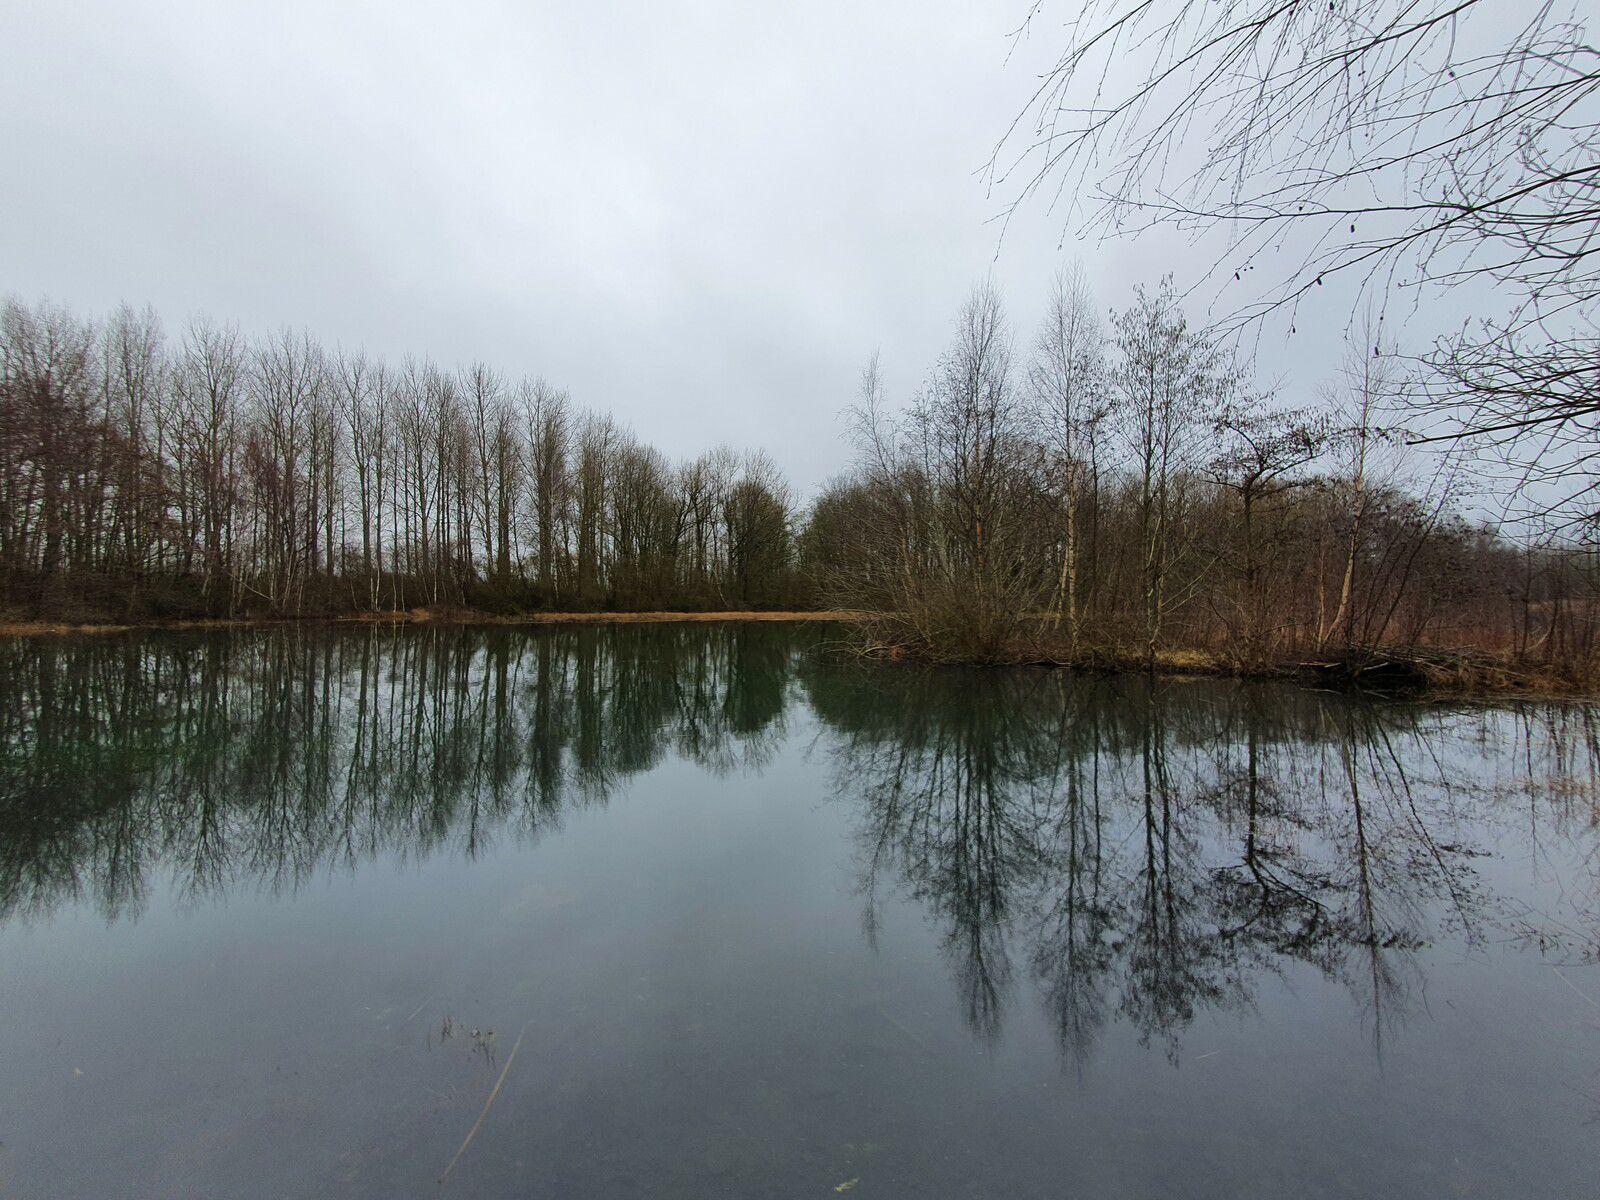 Parc de Nature et de Loisirs, le Marais Meurisse, Wingles